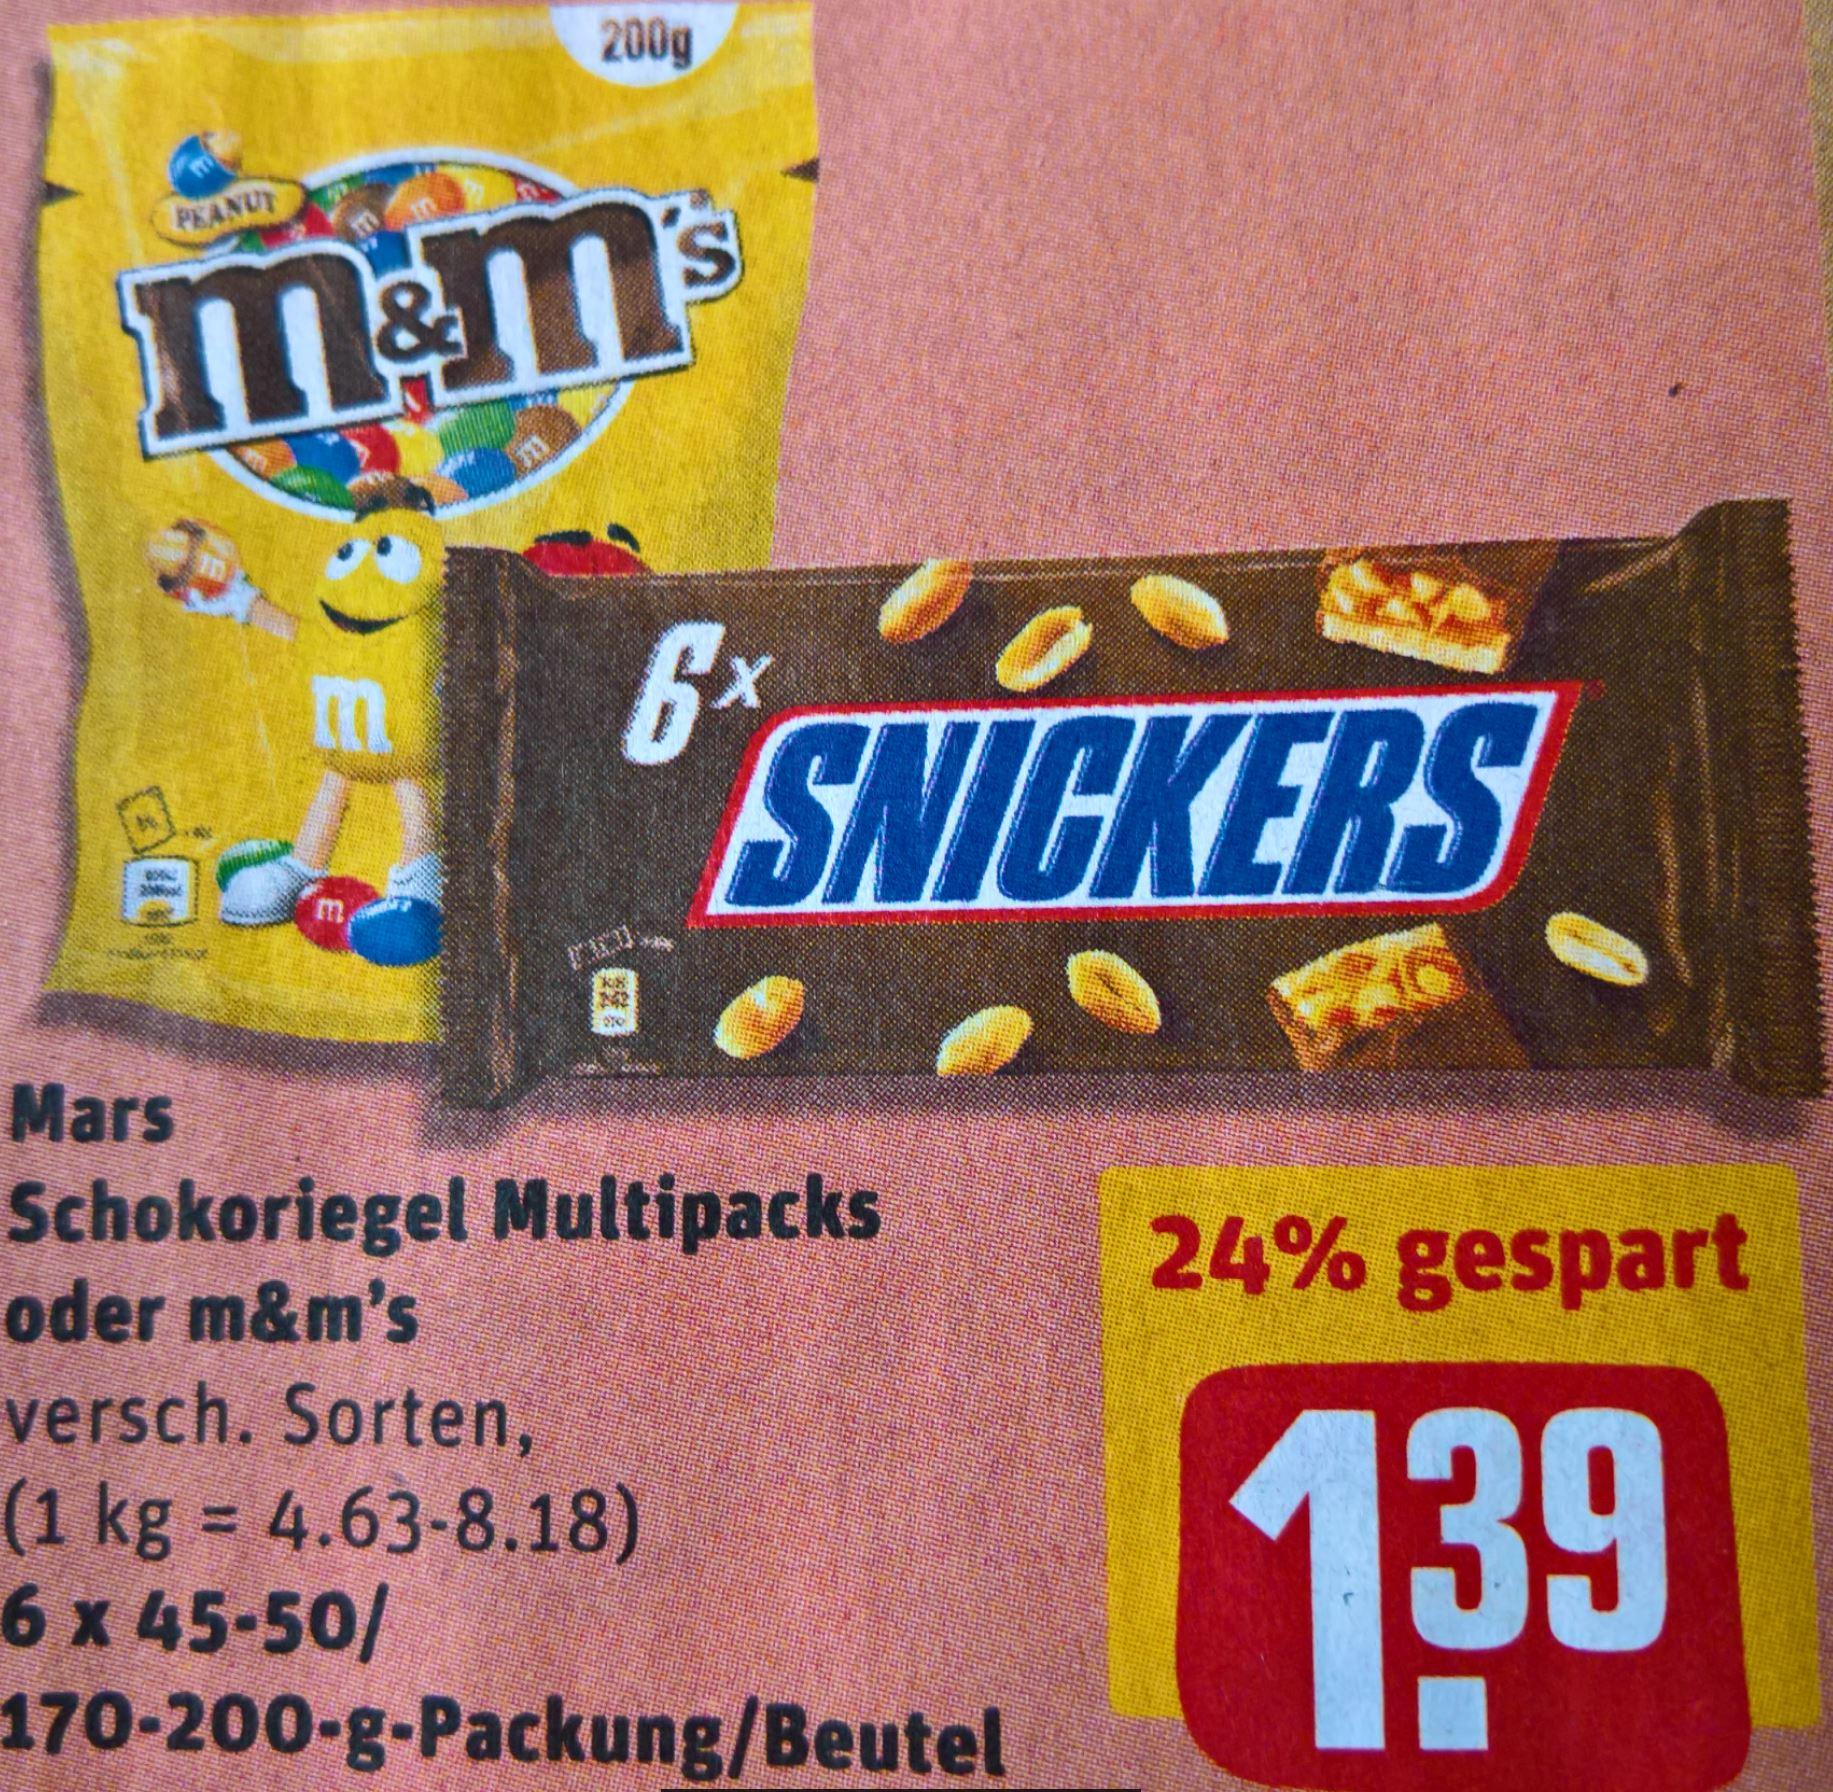 m&m's 200 Gr, sowie Mars Schokoriegel 6er Packs für jeweils 1,39 € bei Rewe